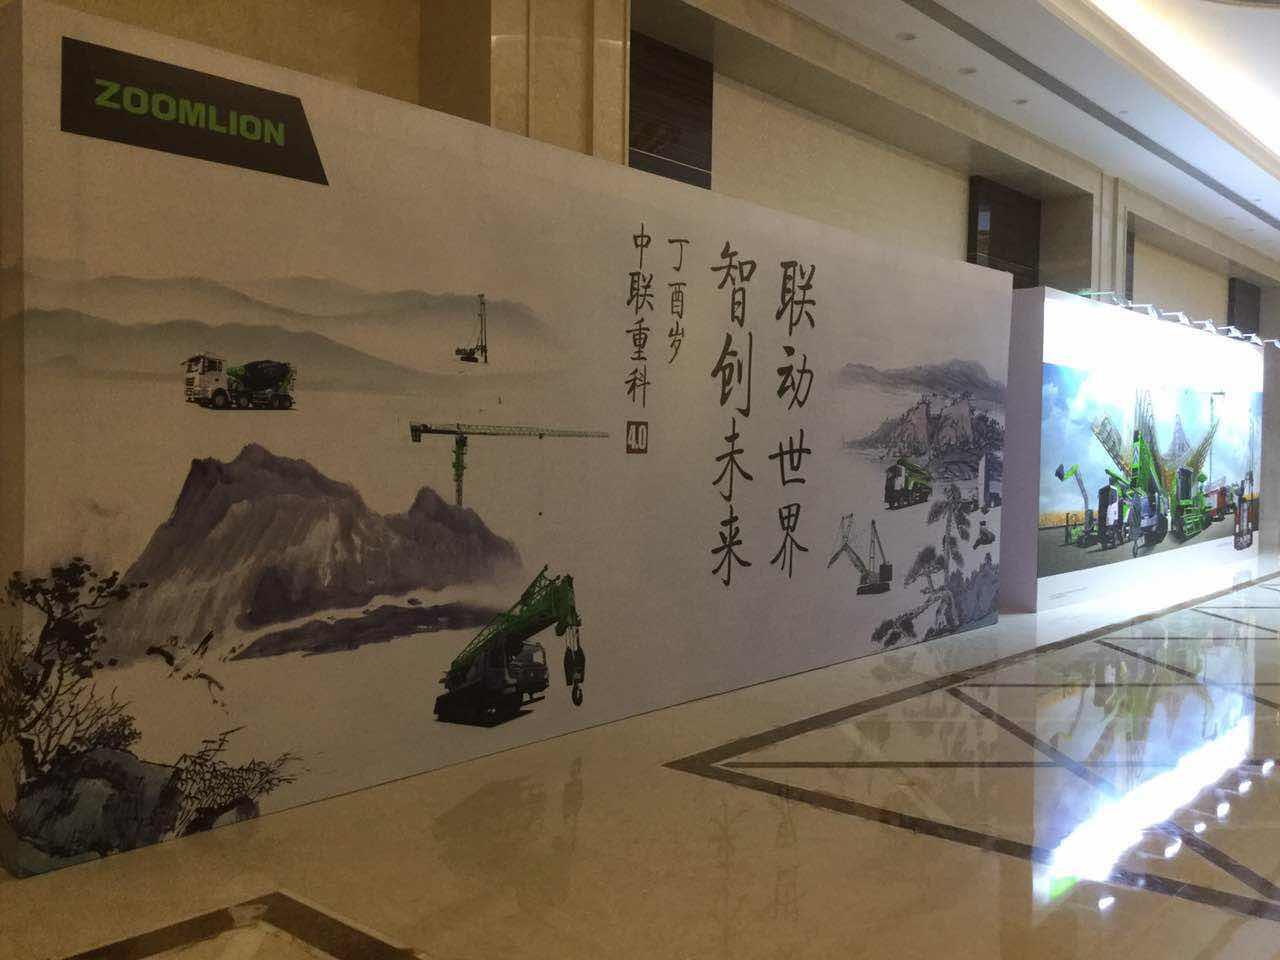 上海灯光音响桁架搭建专业服务团队